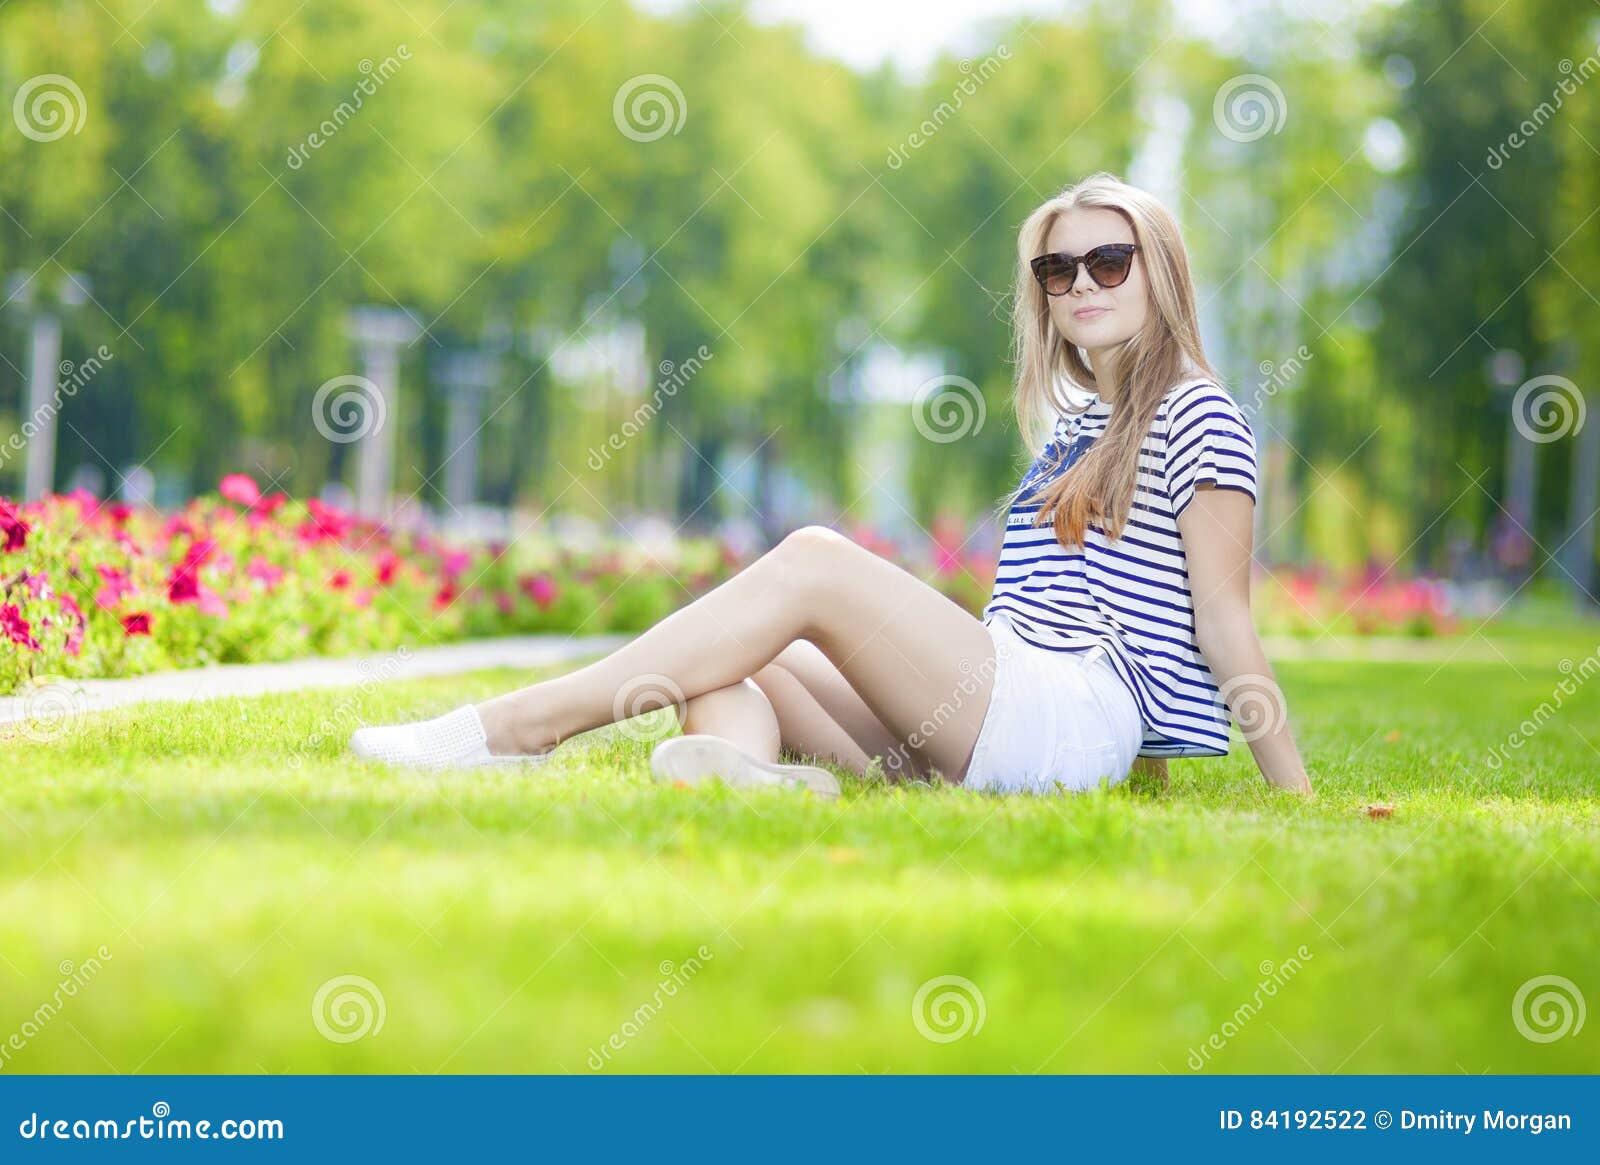 Concepts de mode de vie d adolescents Ado blond caucasien tranquille mignon